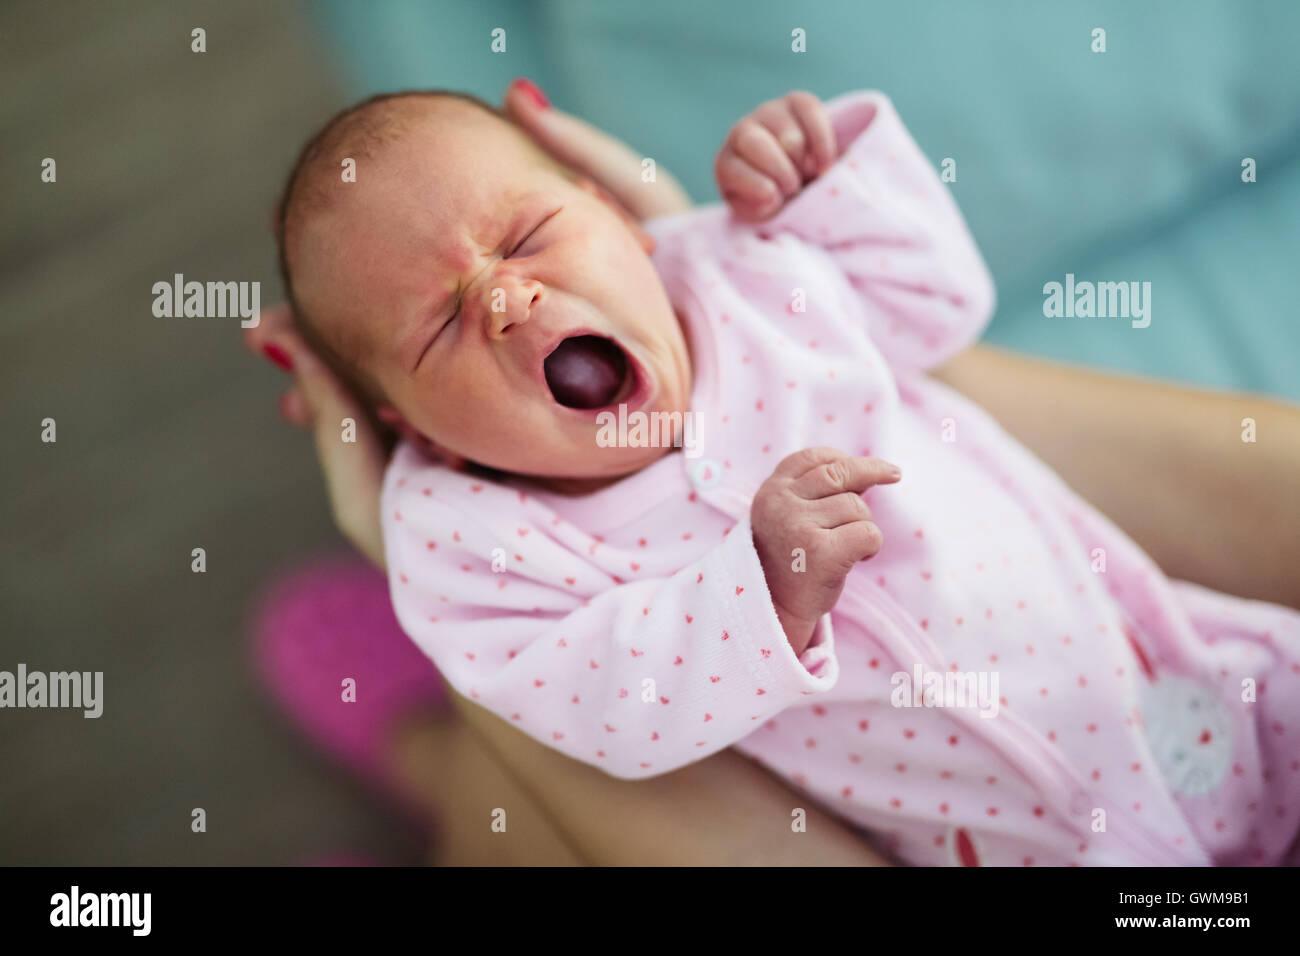 Schreien, niedlichen Babys und unruhige Nächte sind unvermeidlich Stockbild